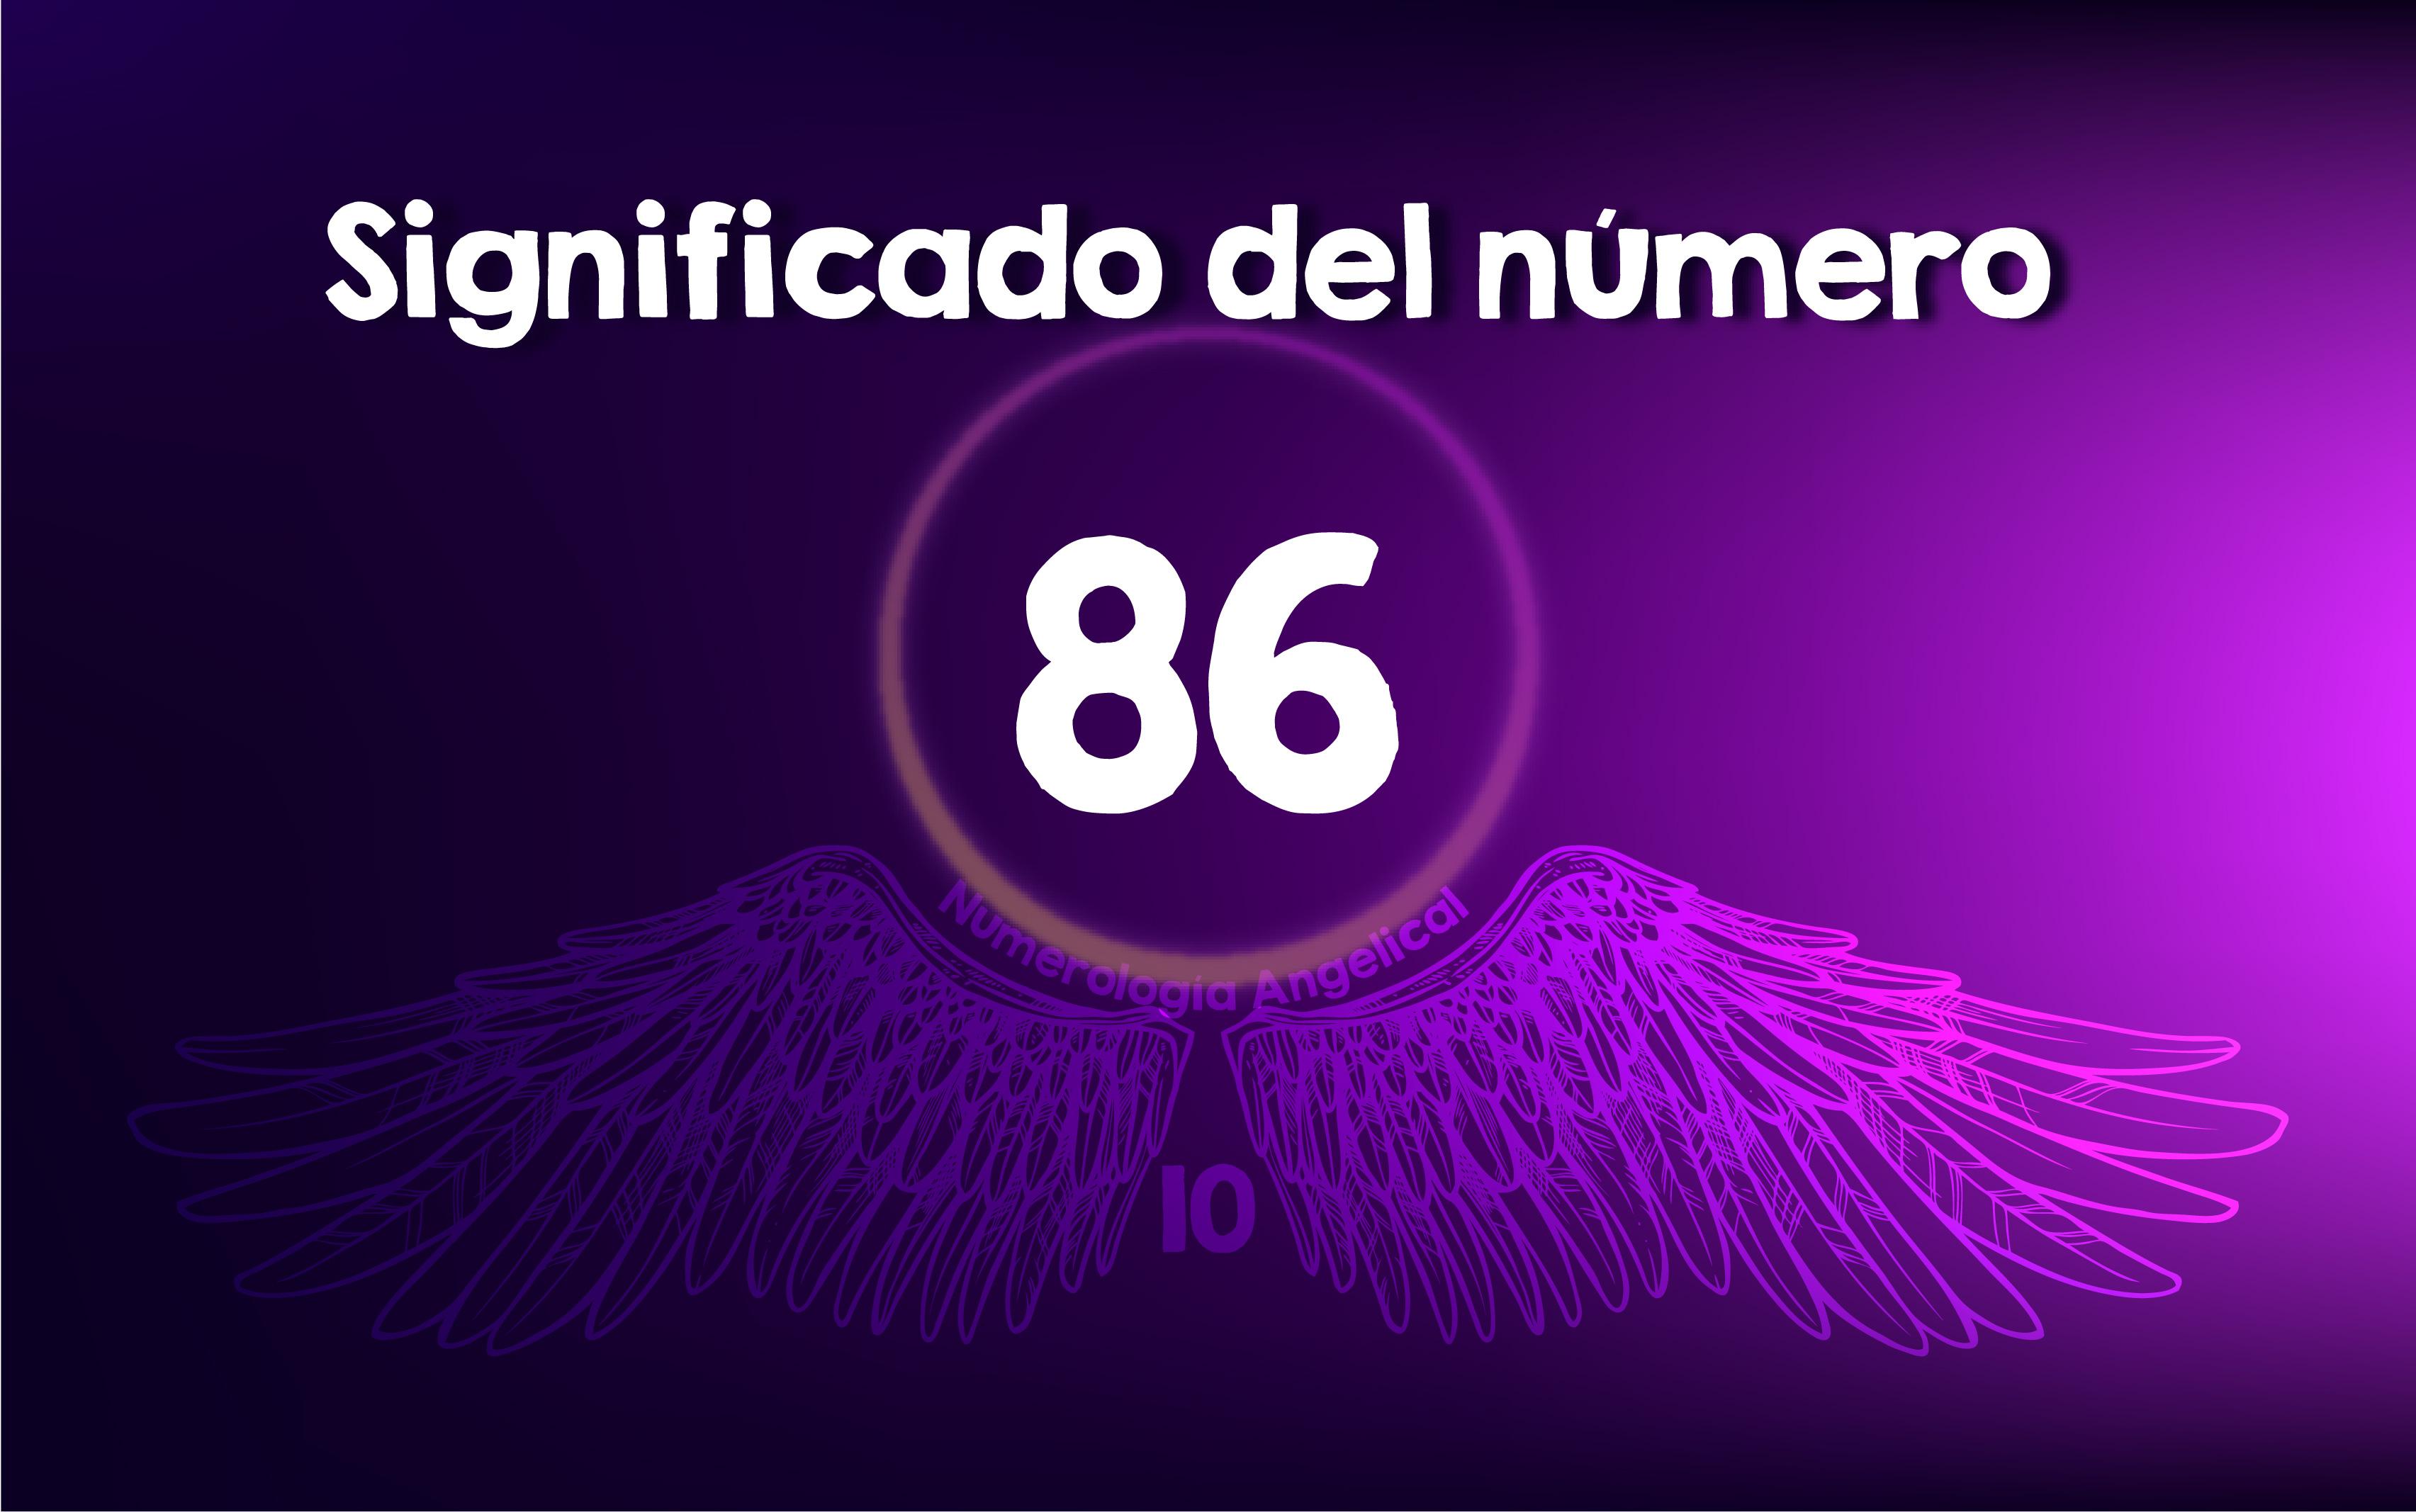 Significado del número 86